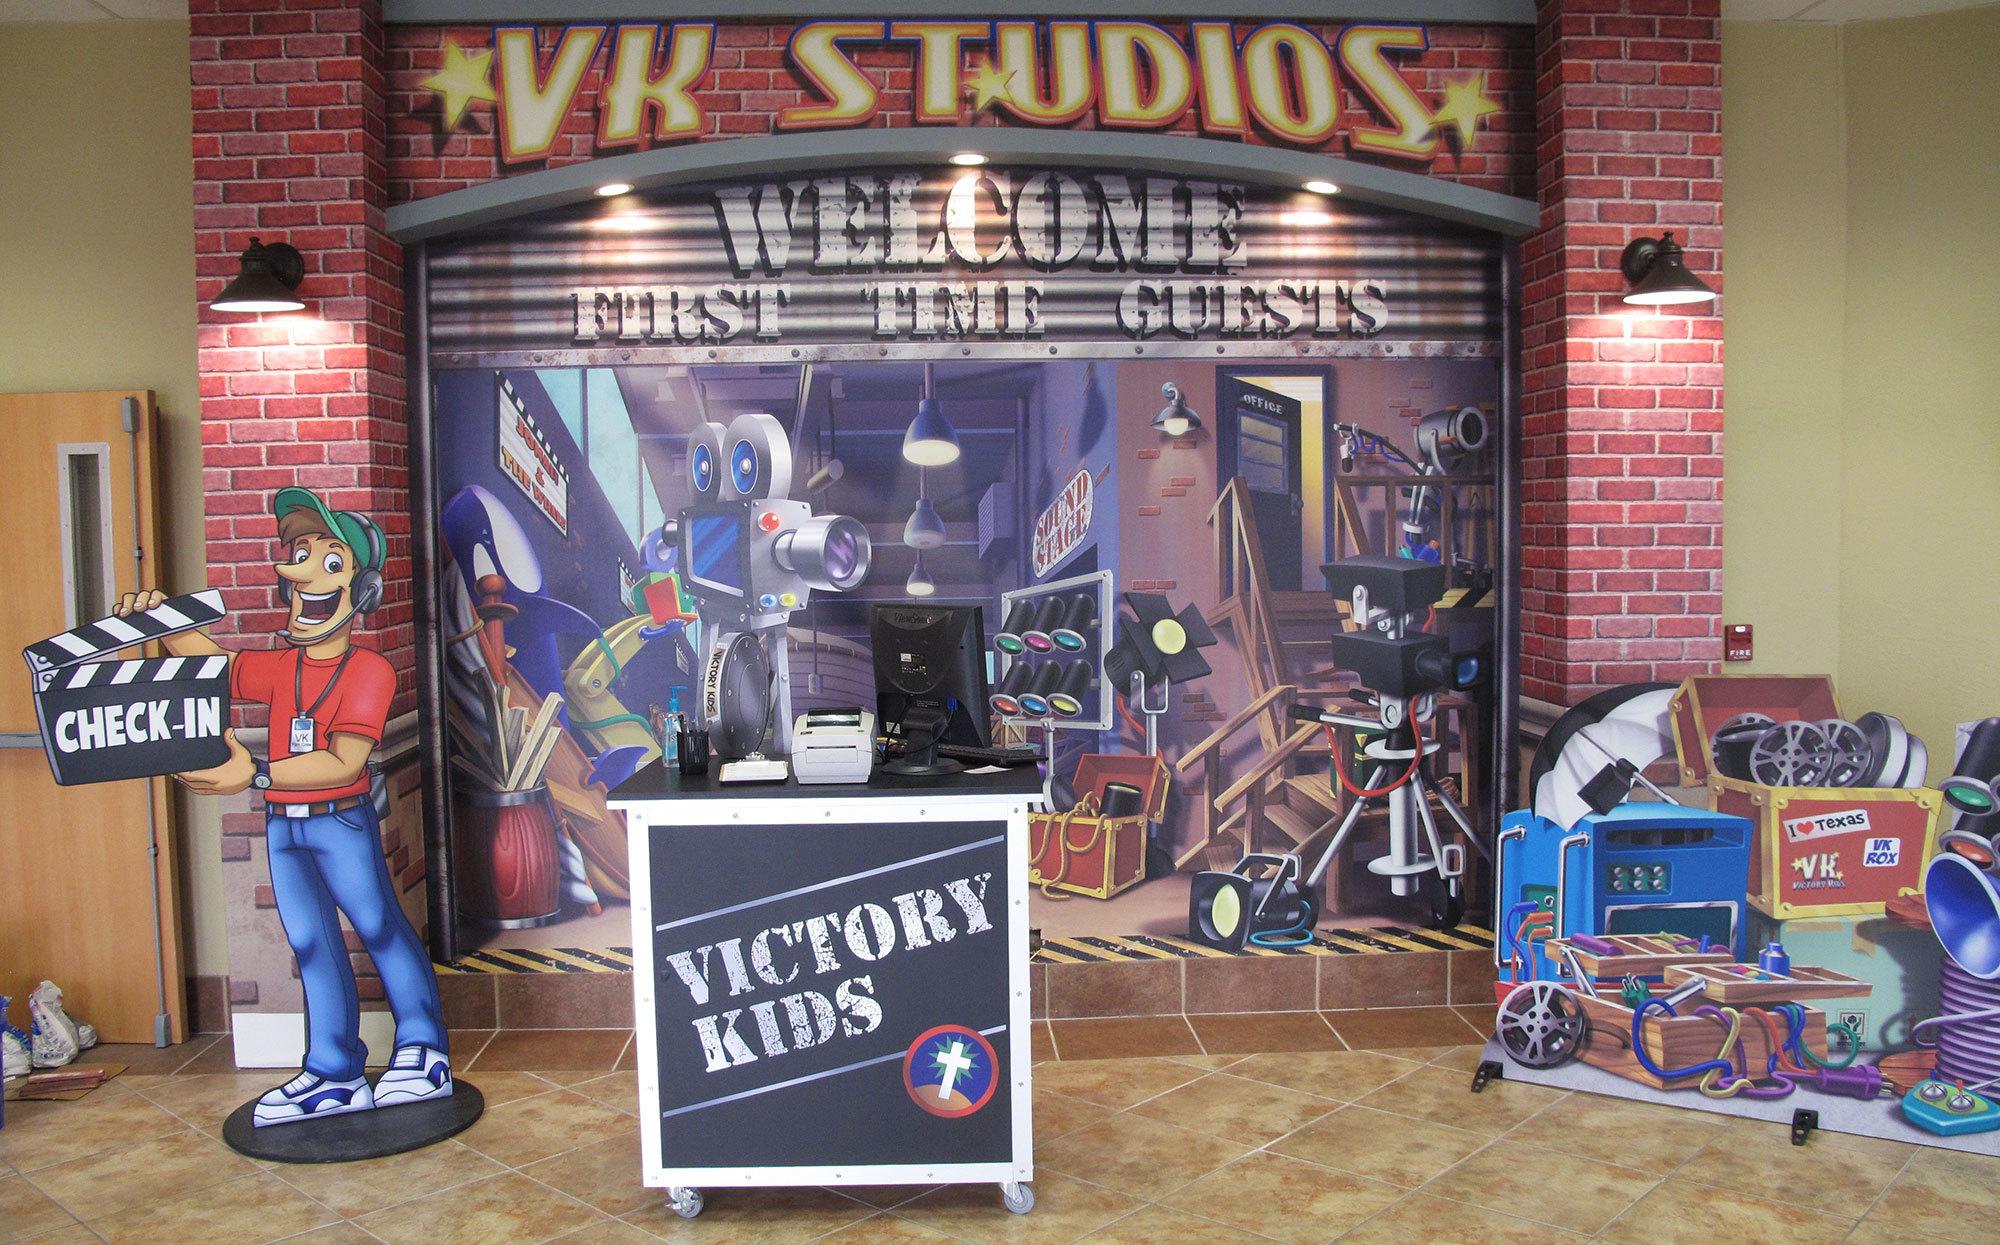 Backlot Studios Themed Environment at Victory Church Amarillo TX